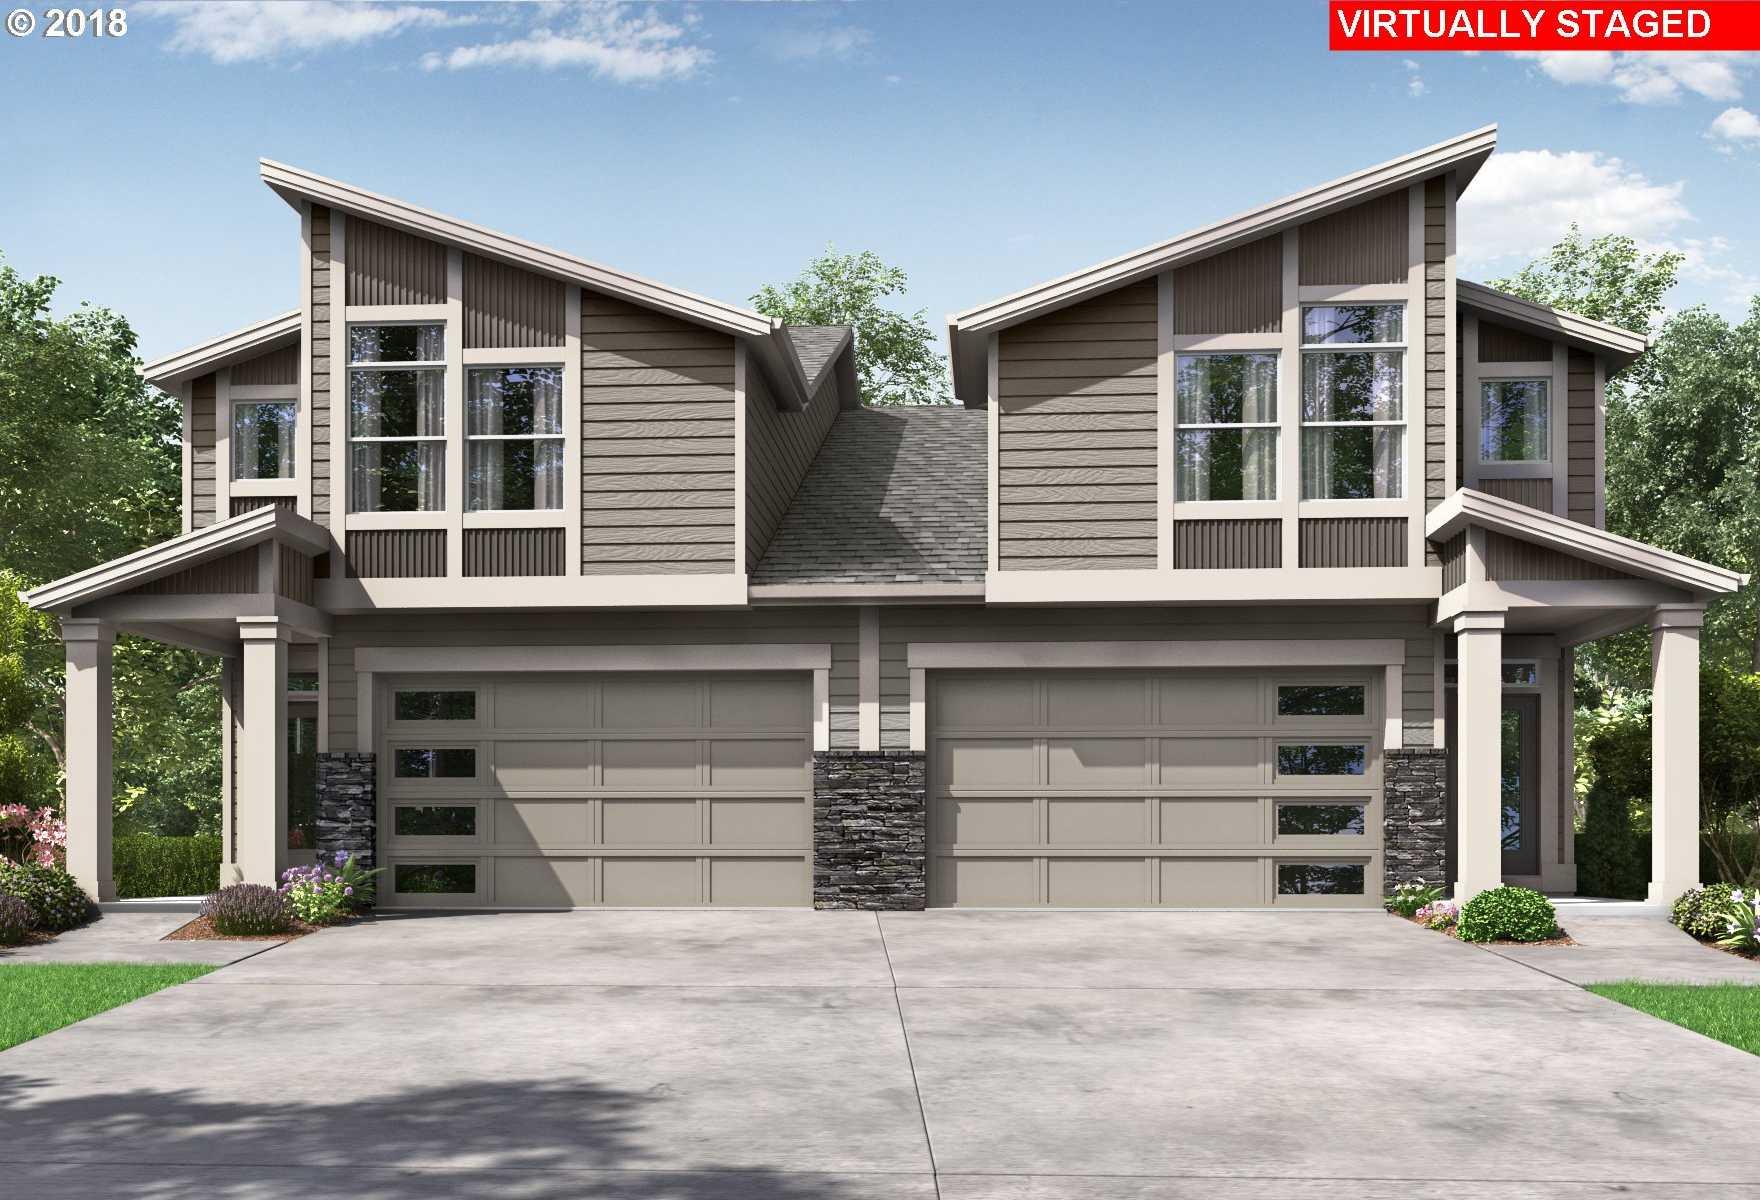 $431,990 - 4Br/3Ba -  for Sale in Rosedale Parks, Hillsboro